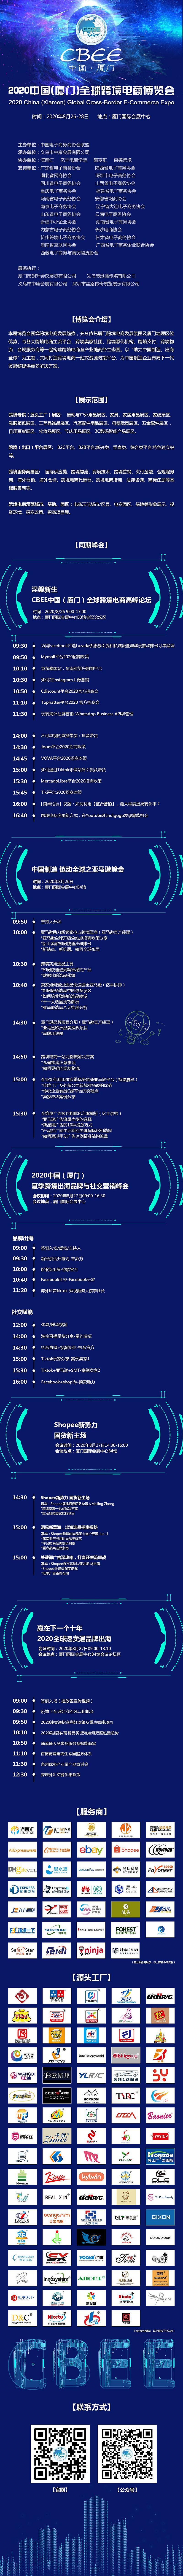 CBEE2020中国全球跨境电商博览会(8月26日-8月28日)